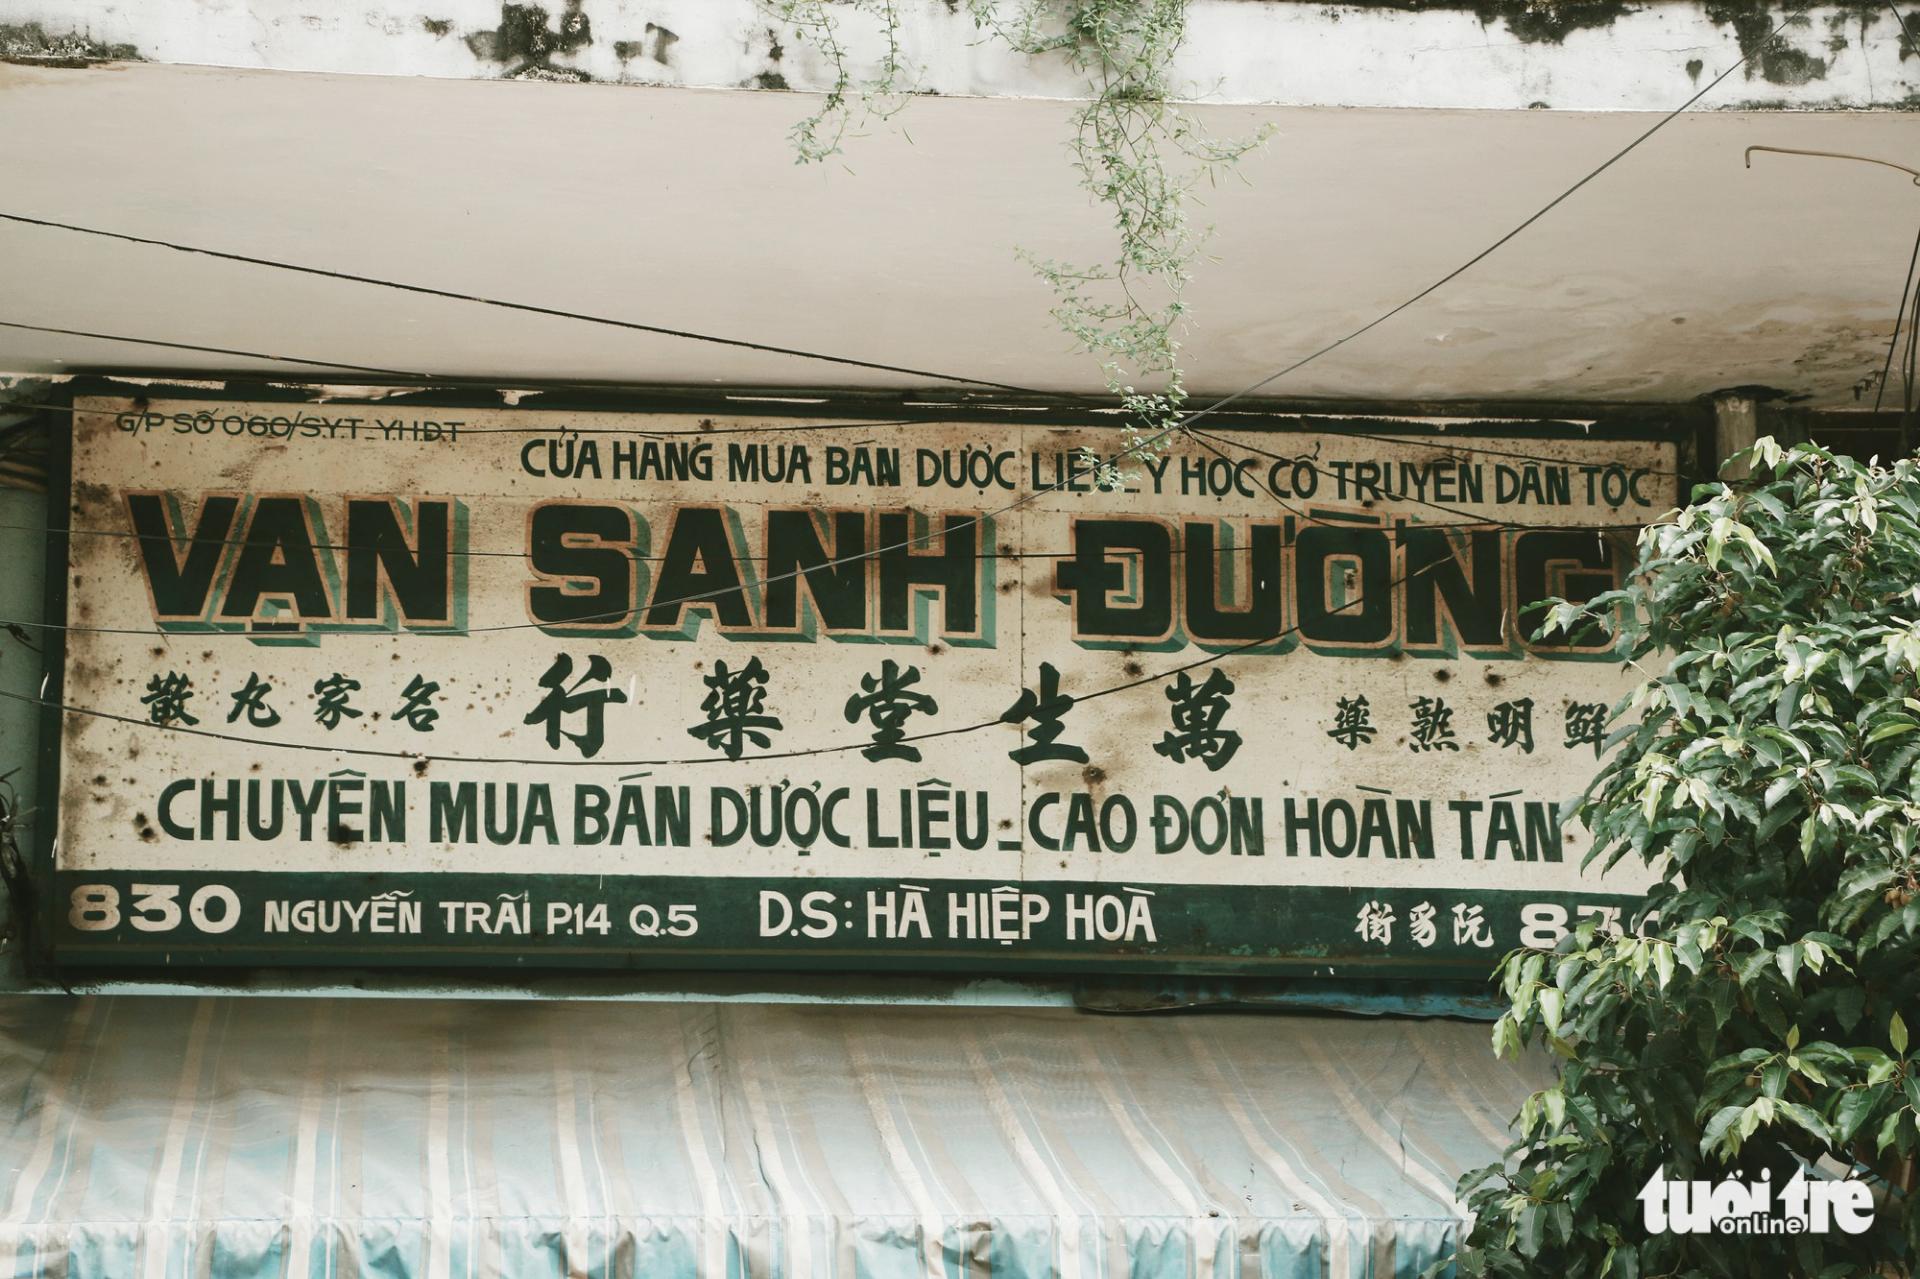 Nhìn những biển hiệu này để thấy Sài Gòn quá đỗi dễ thương - Ảnh 3.